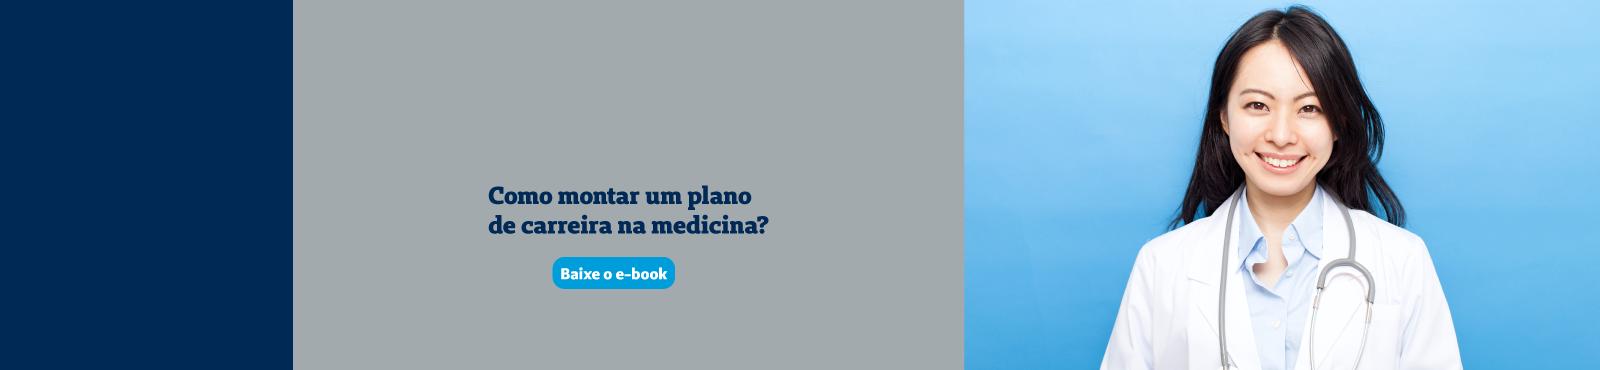 Como manter um plano de carreira na medicina. Botão de Baixe o e-book